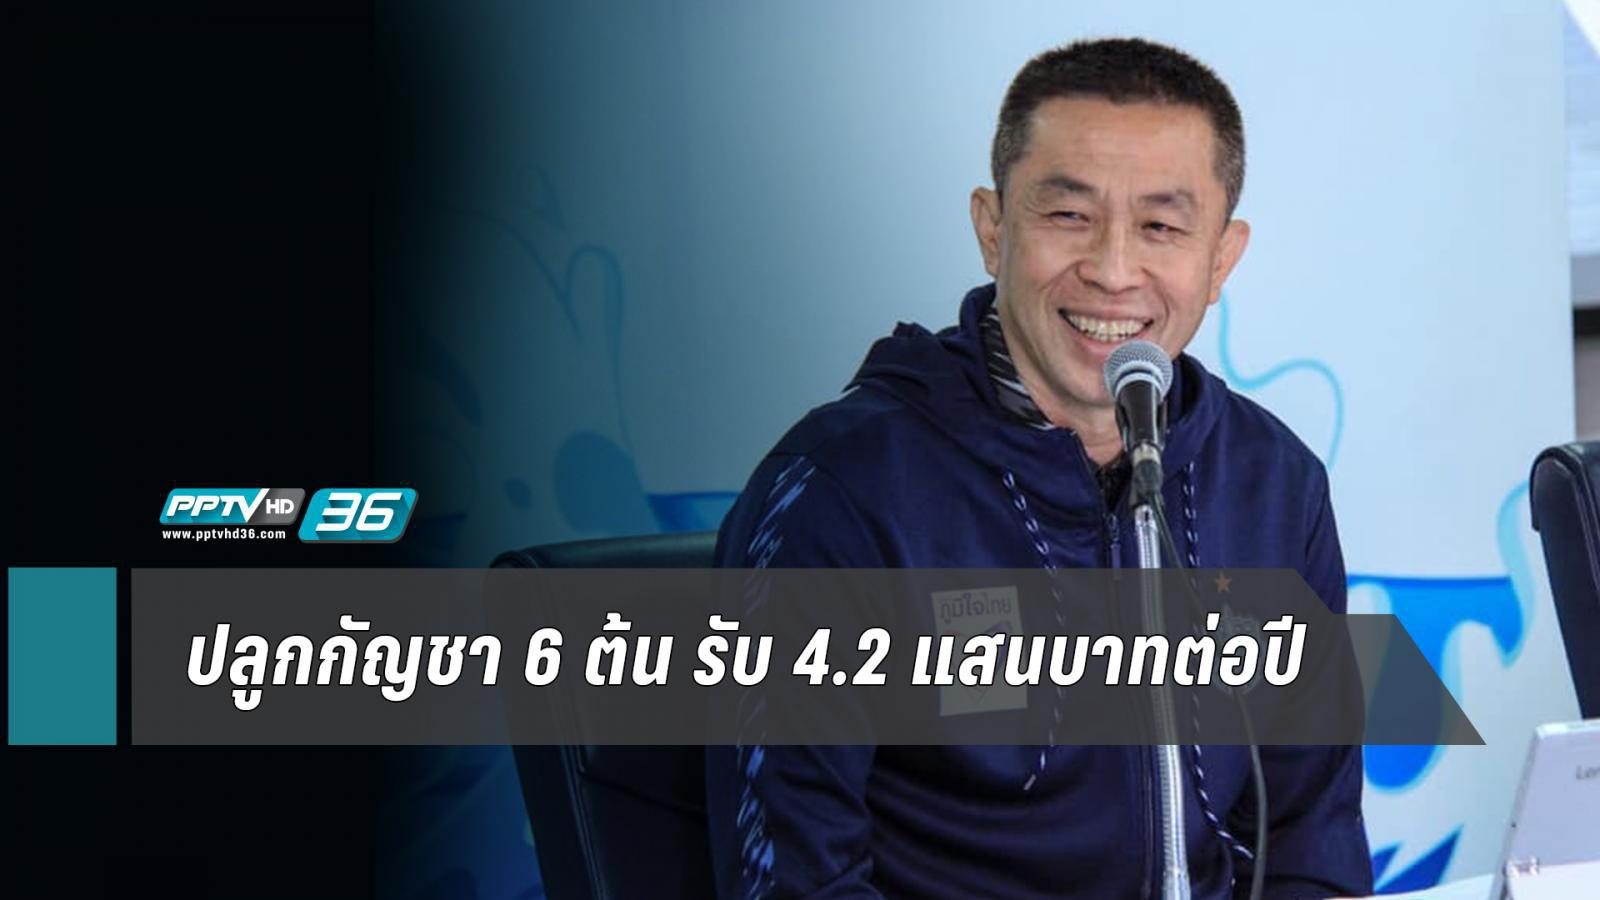 """""""ภูมิใจไทย"""" ชู ปลูกกัญชา 6 ต้น รับ 4.2 แสนบาทต่อปี"""